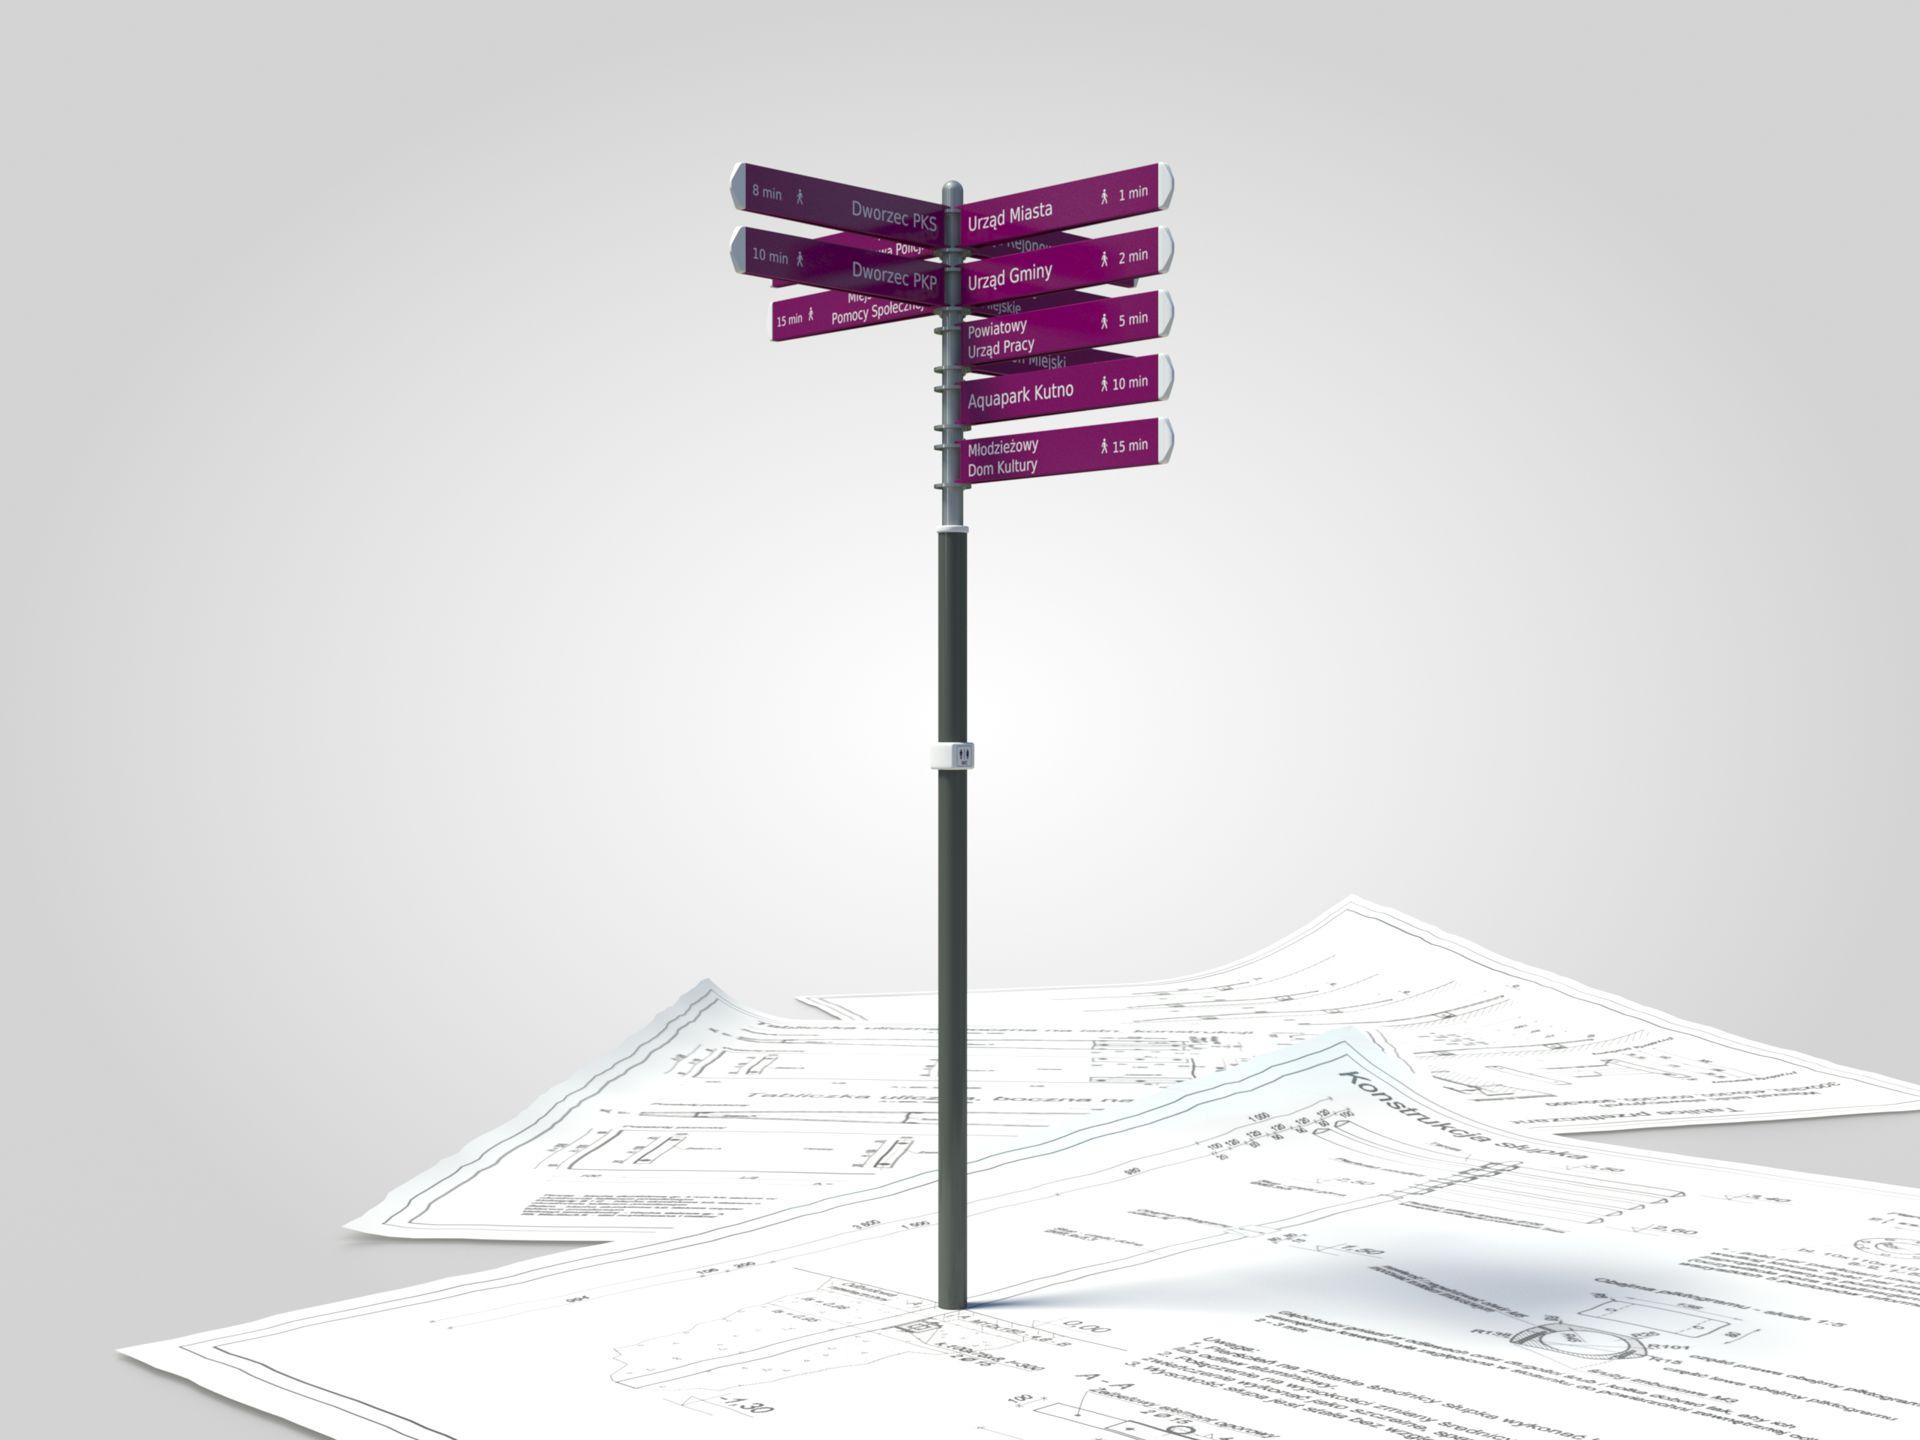 projekt systemu informacji miejskiej